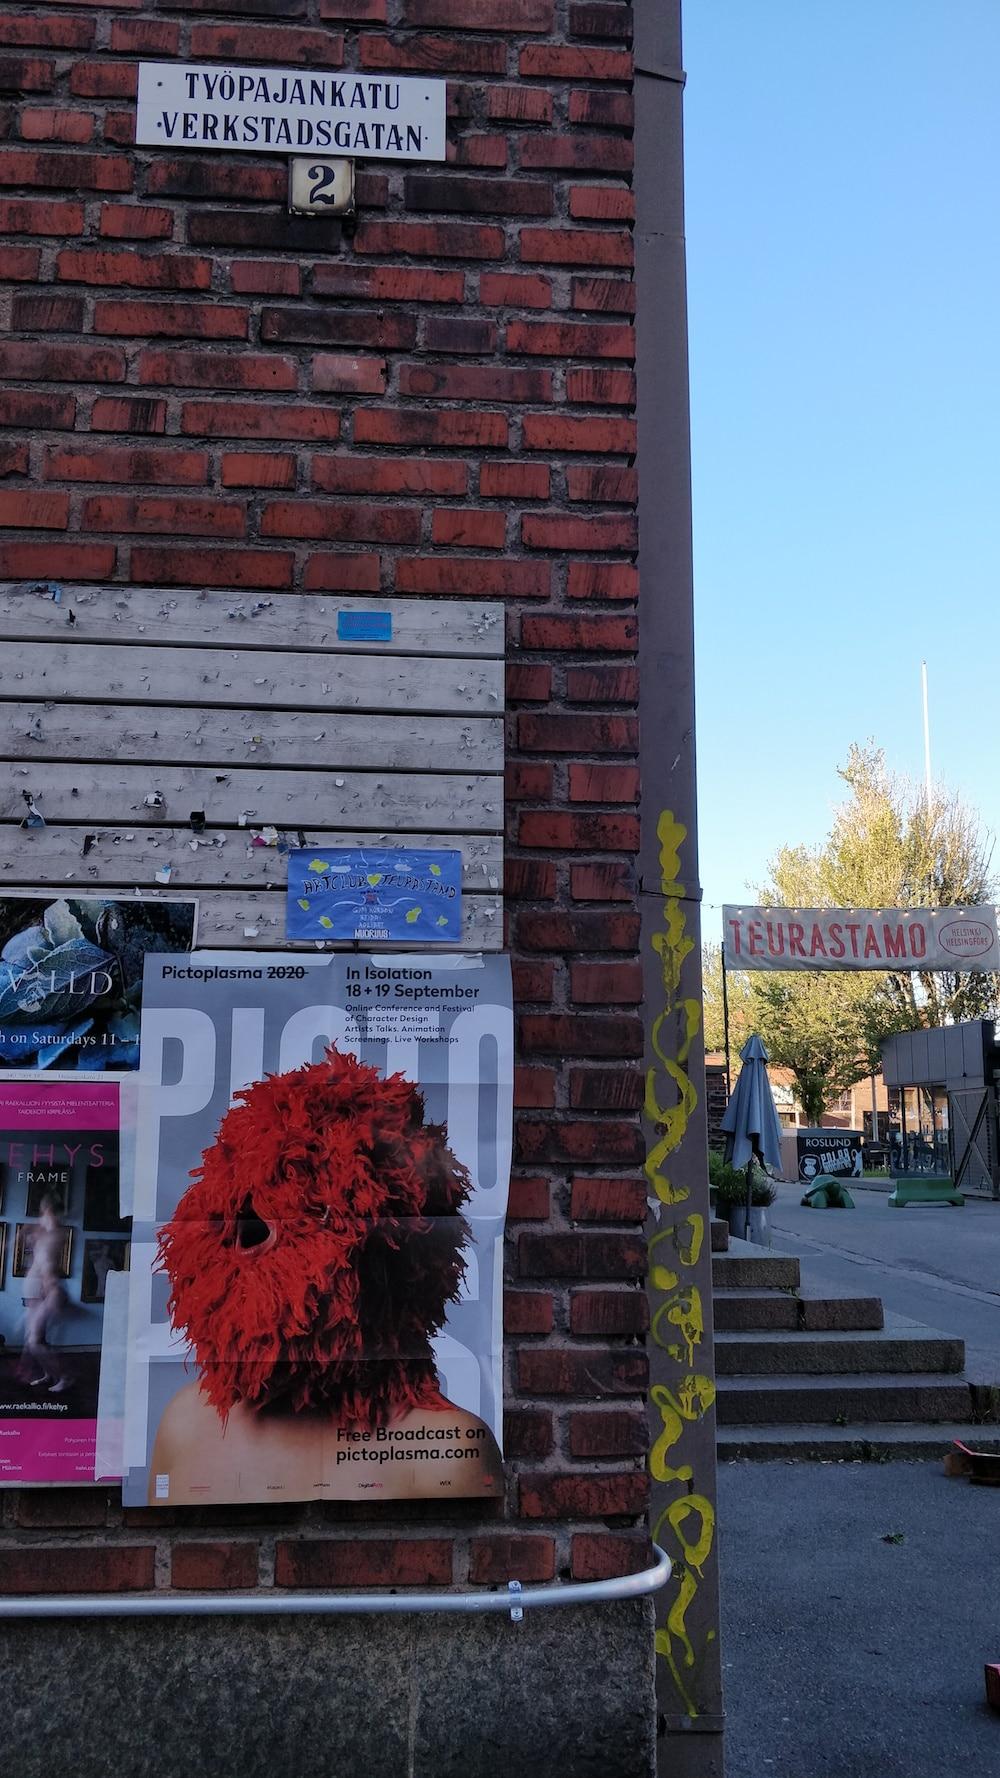 Pictoplasma Plakat das an einer Straßenecke in Helsinki hägngt